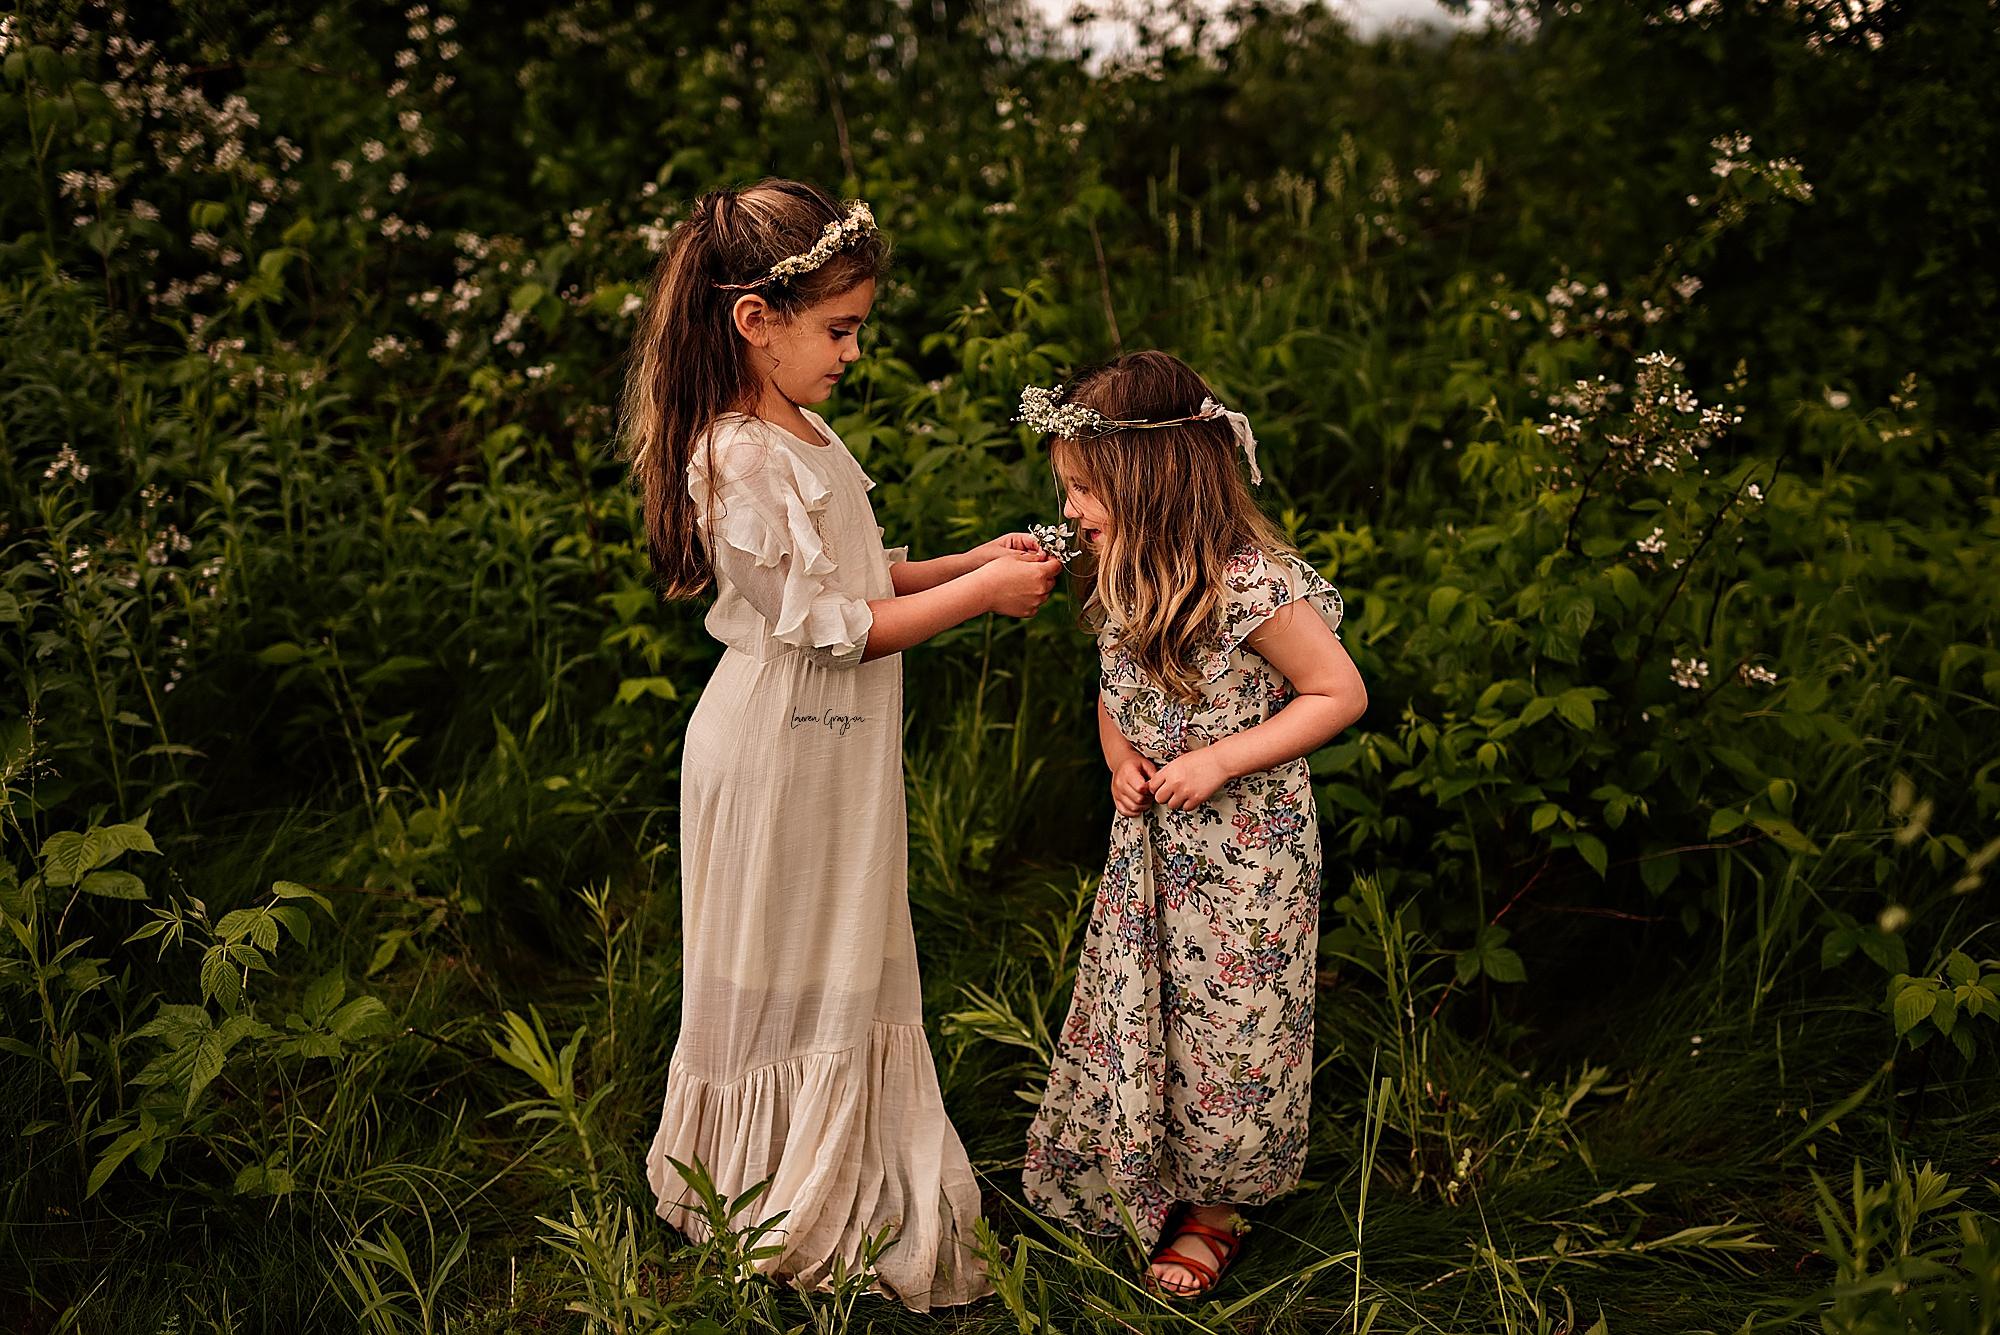 lauren-grayson-photography-akron-ridenour-family-summer-fields-sunset-session_0016.jpg